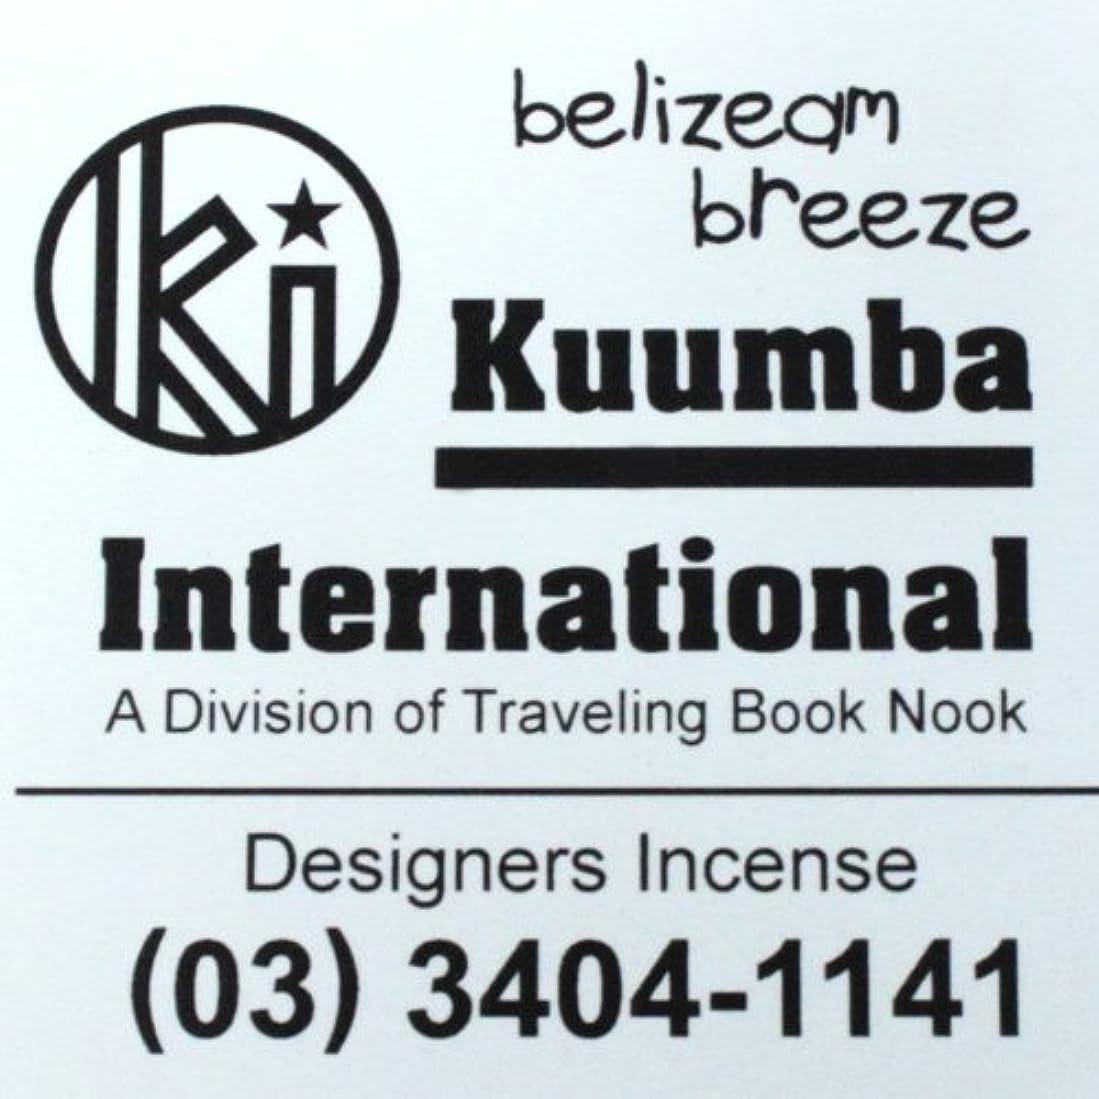 自己尊重インペリアルパワーKUUMBA (クンバ)『incense』(belizeam breeze) (Regular size)